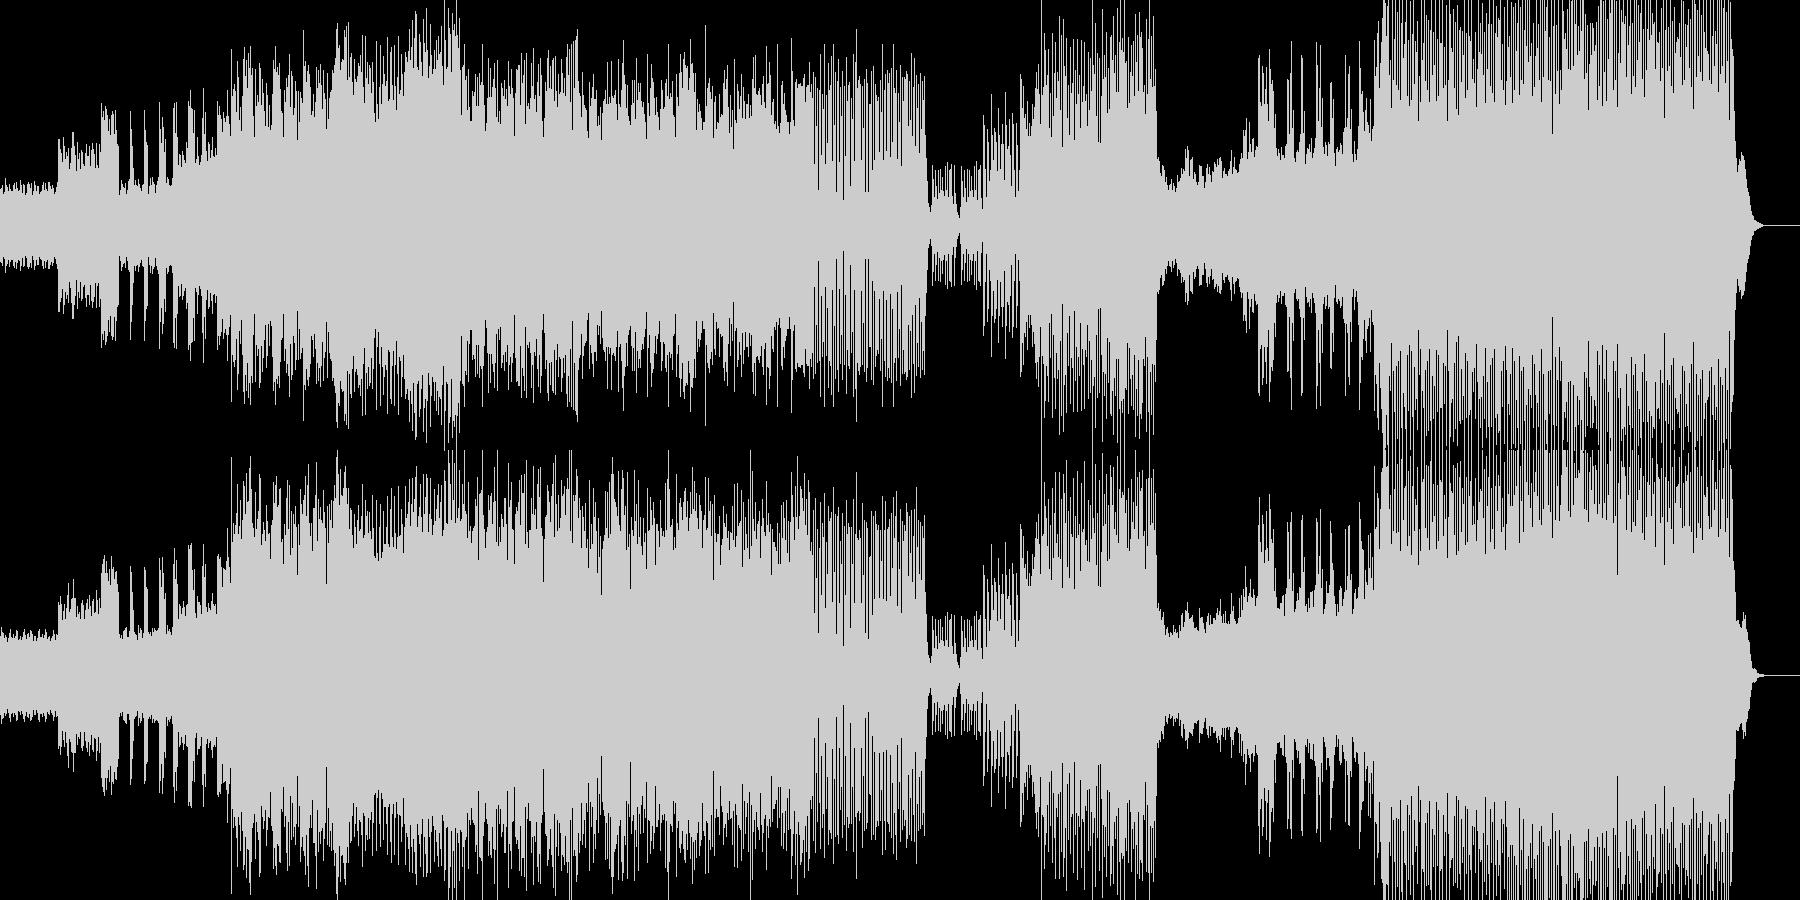 岩戸音階 相撲バトル ロッテルダムテクノの未再生の波形